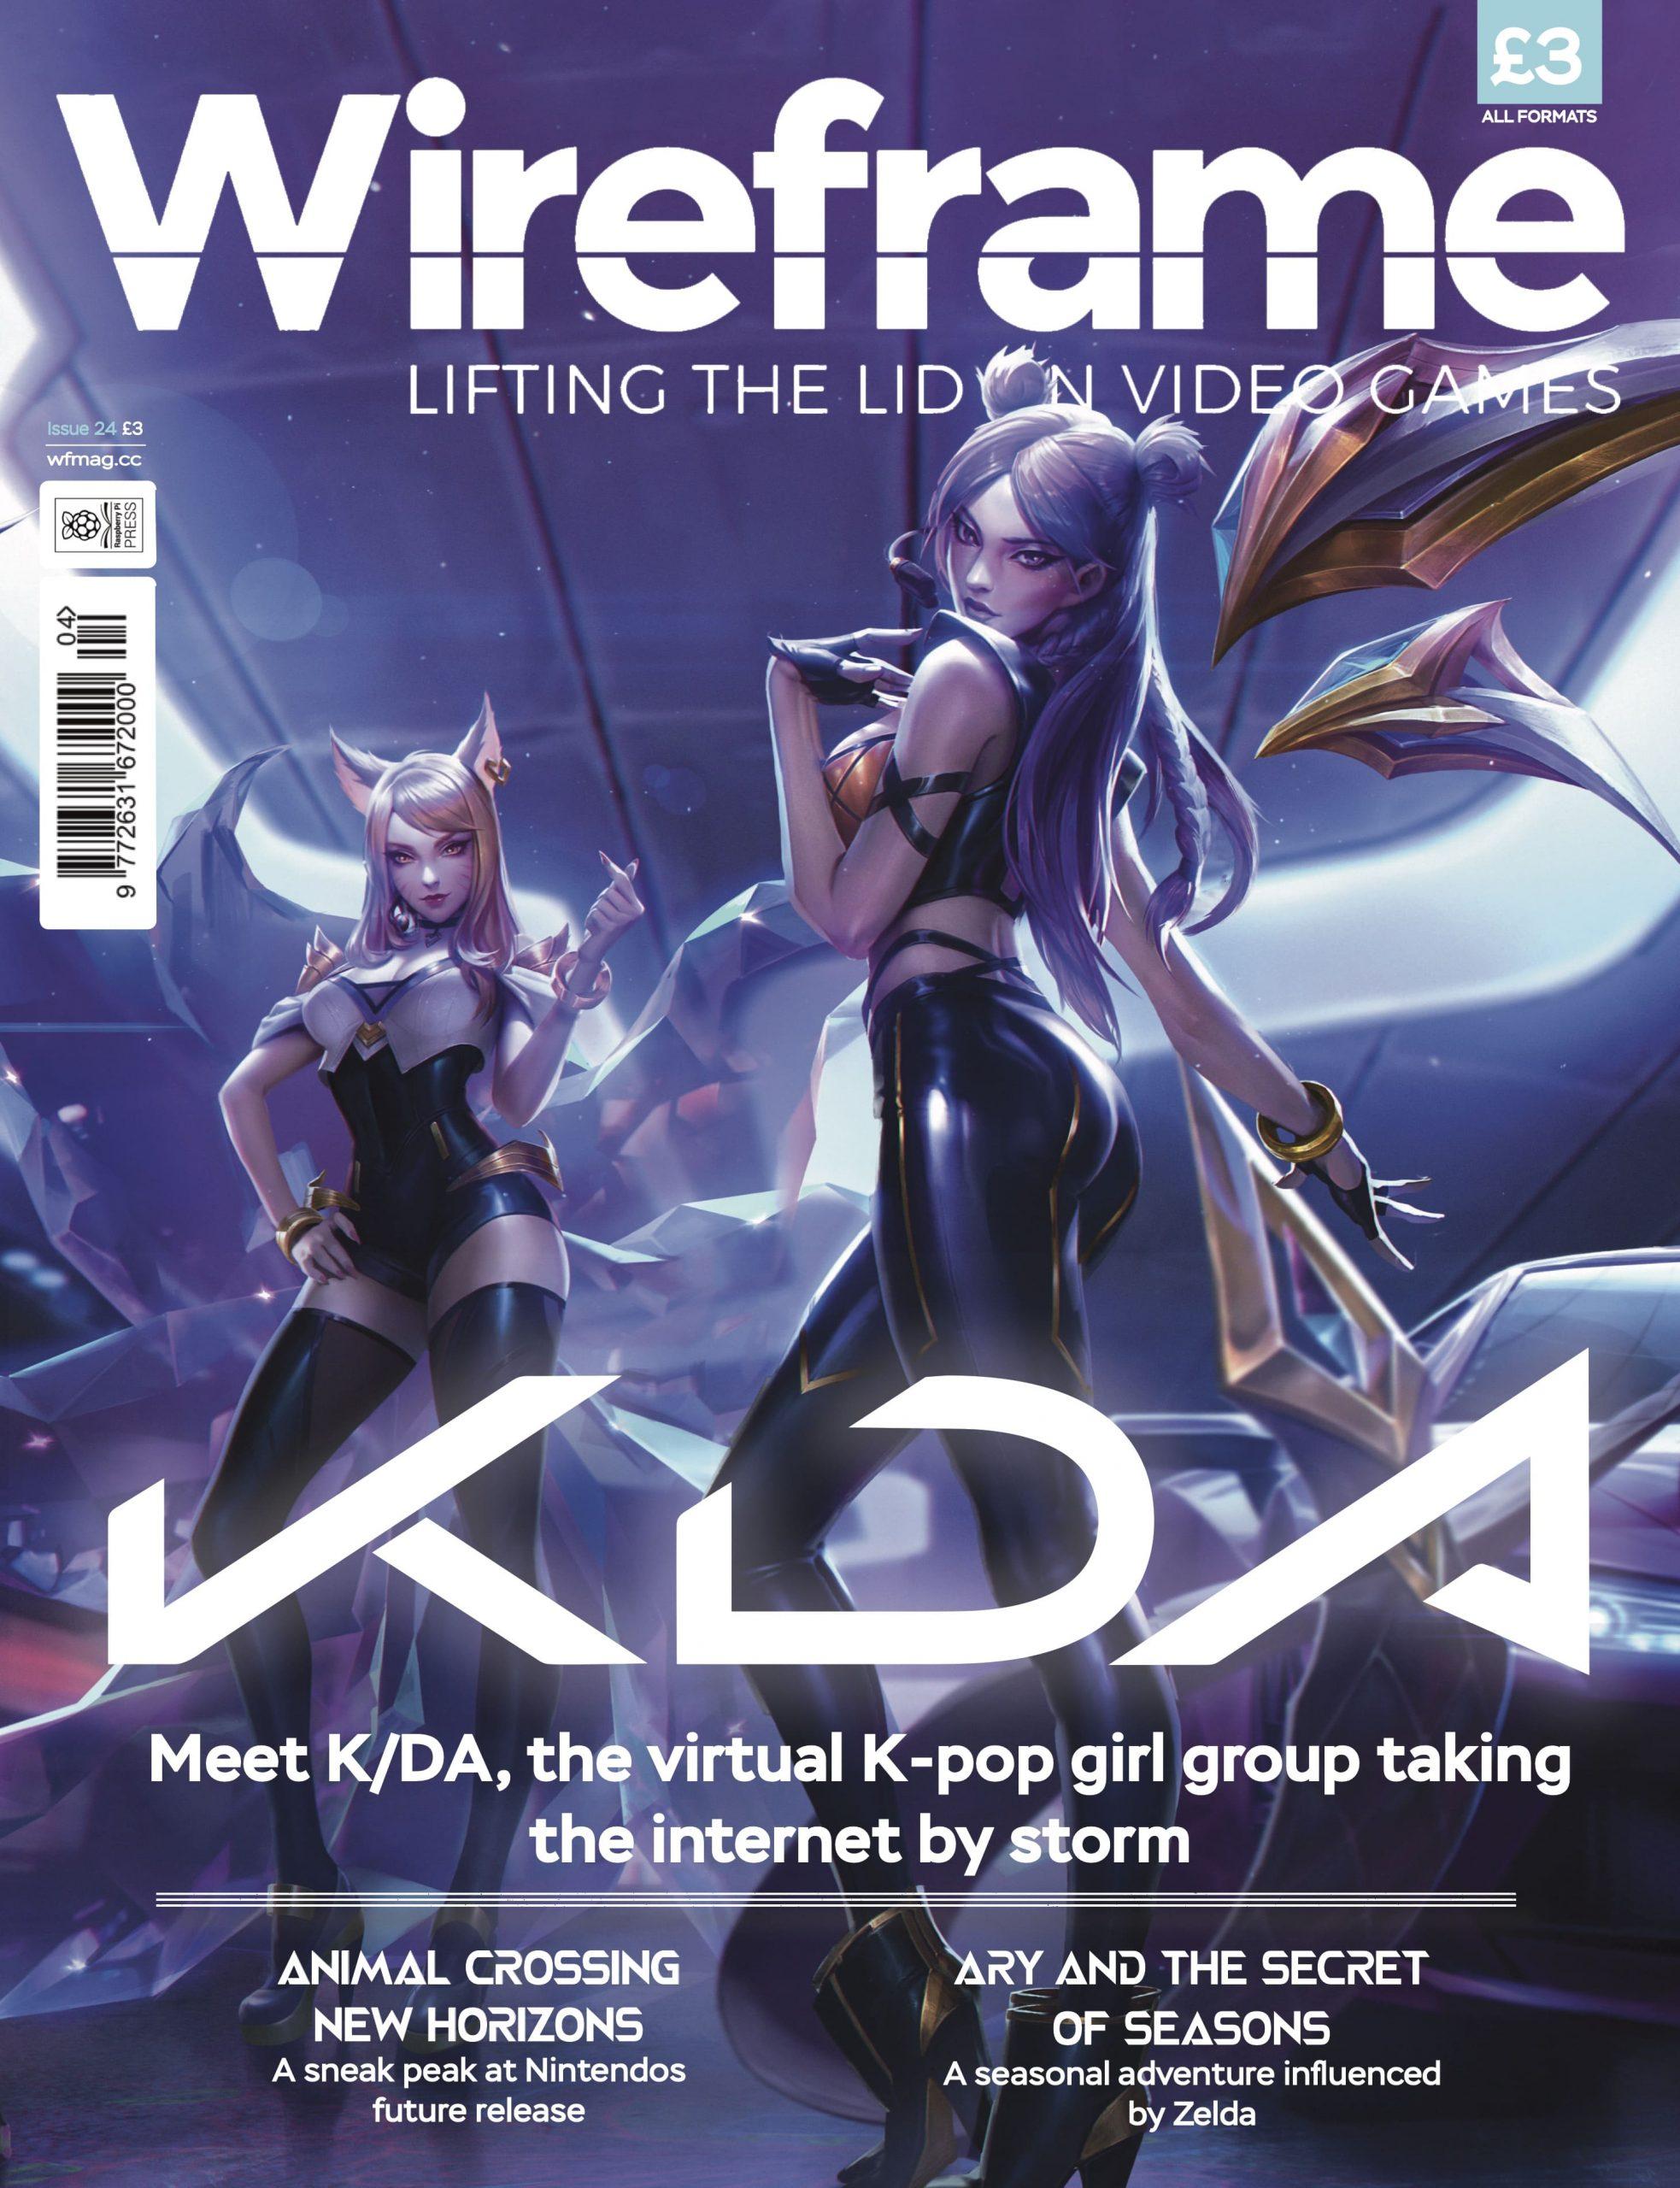 Magazine Cover Re-Design (Educational Purposes)